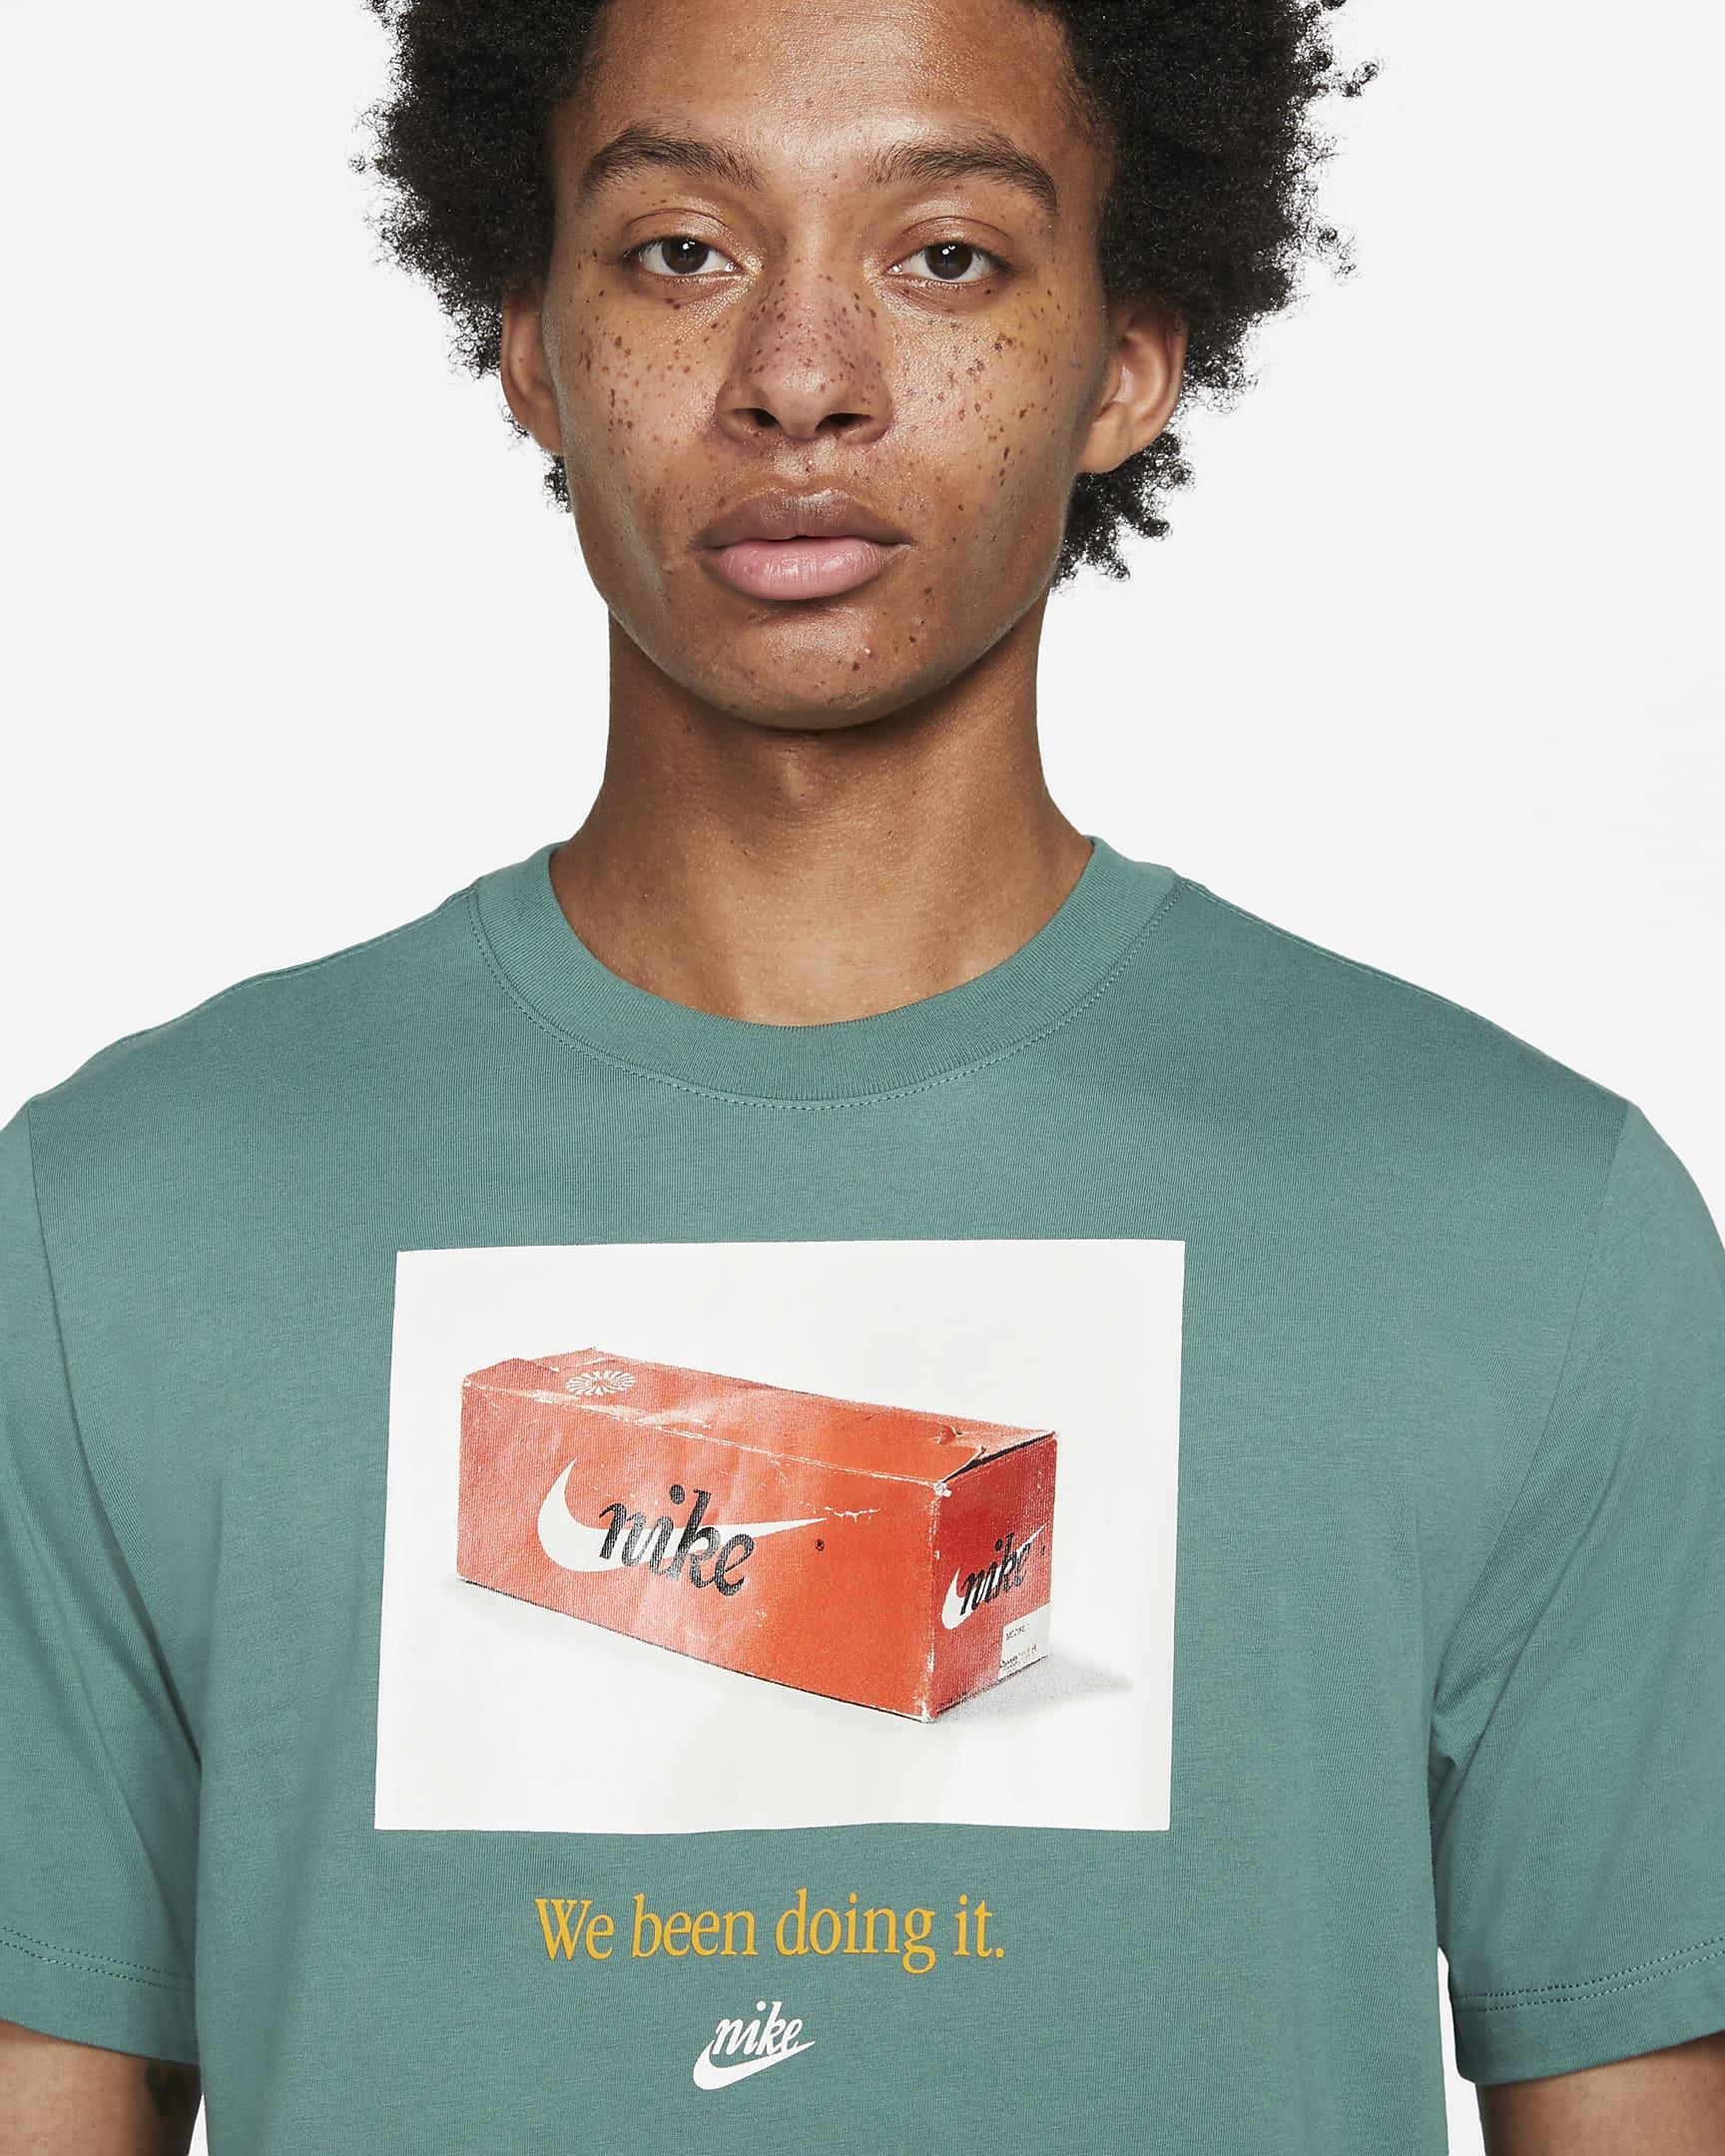 sportswear-mens-t-shirt-0B6KnQ-1.png